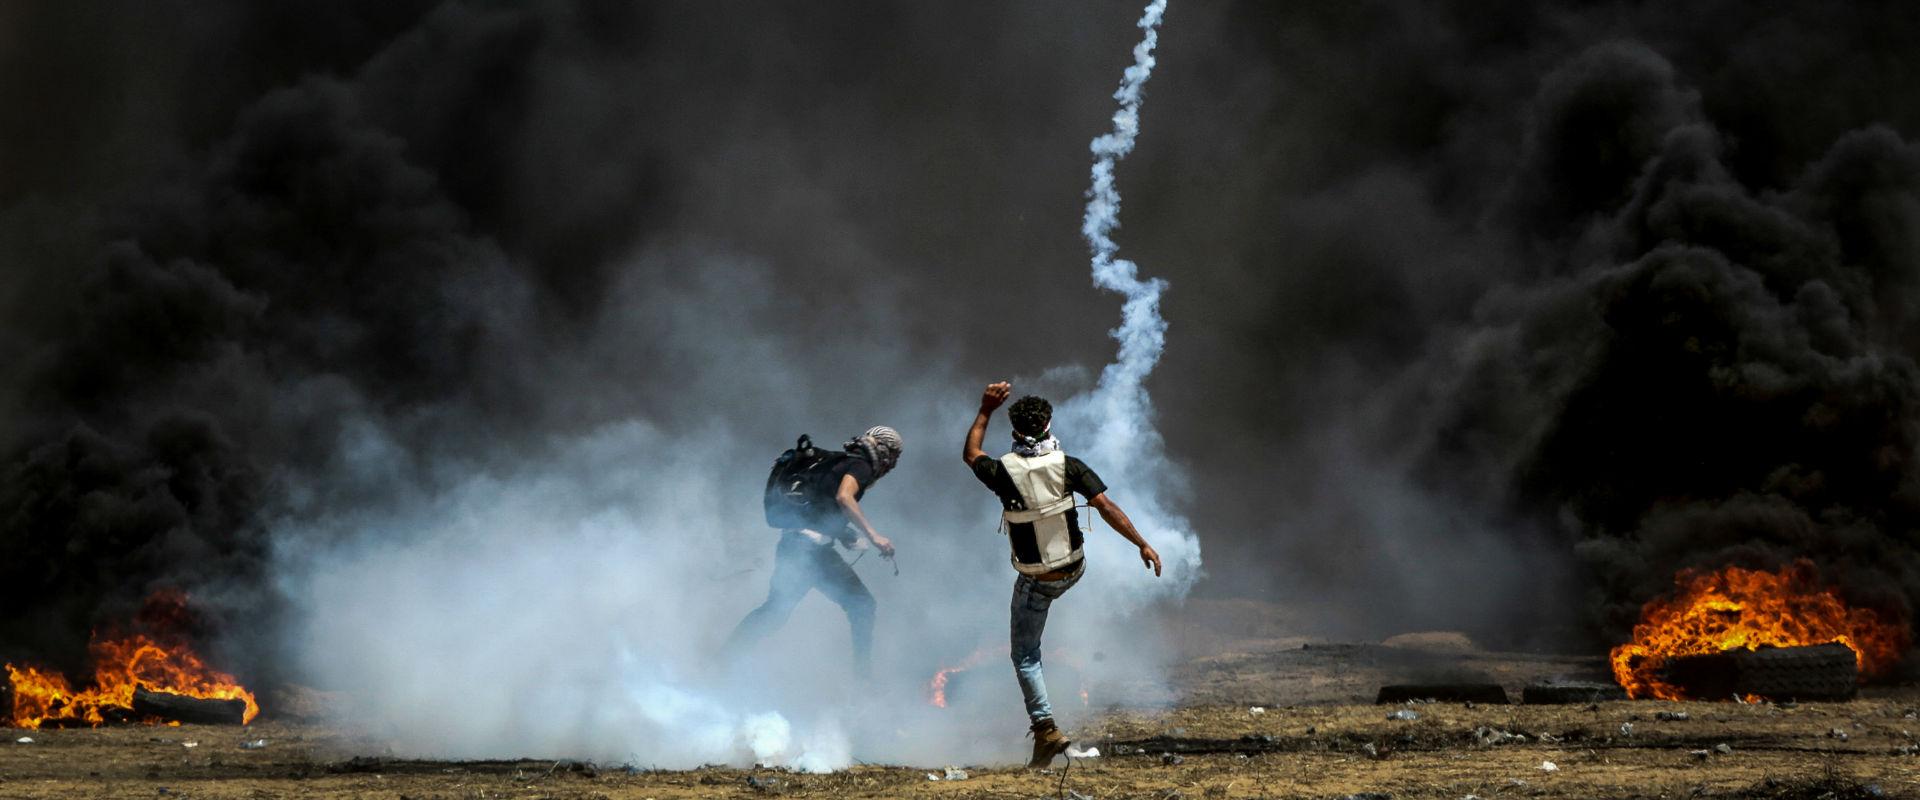 פלסטינים מפגינים ליד גדר המערכת בעזה, בשבוע שעבר